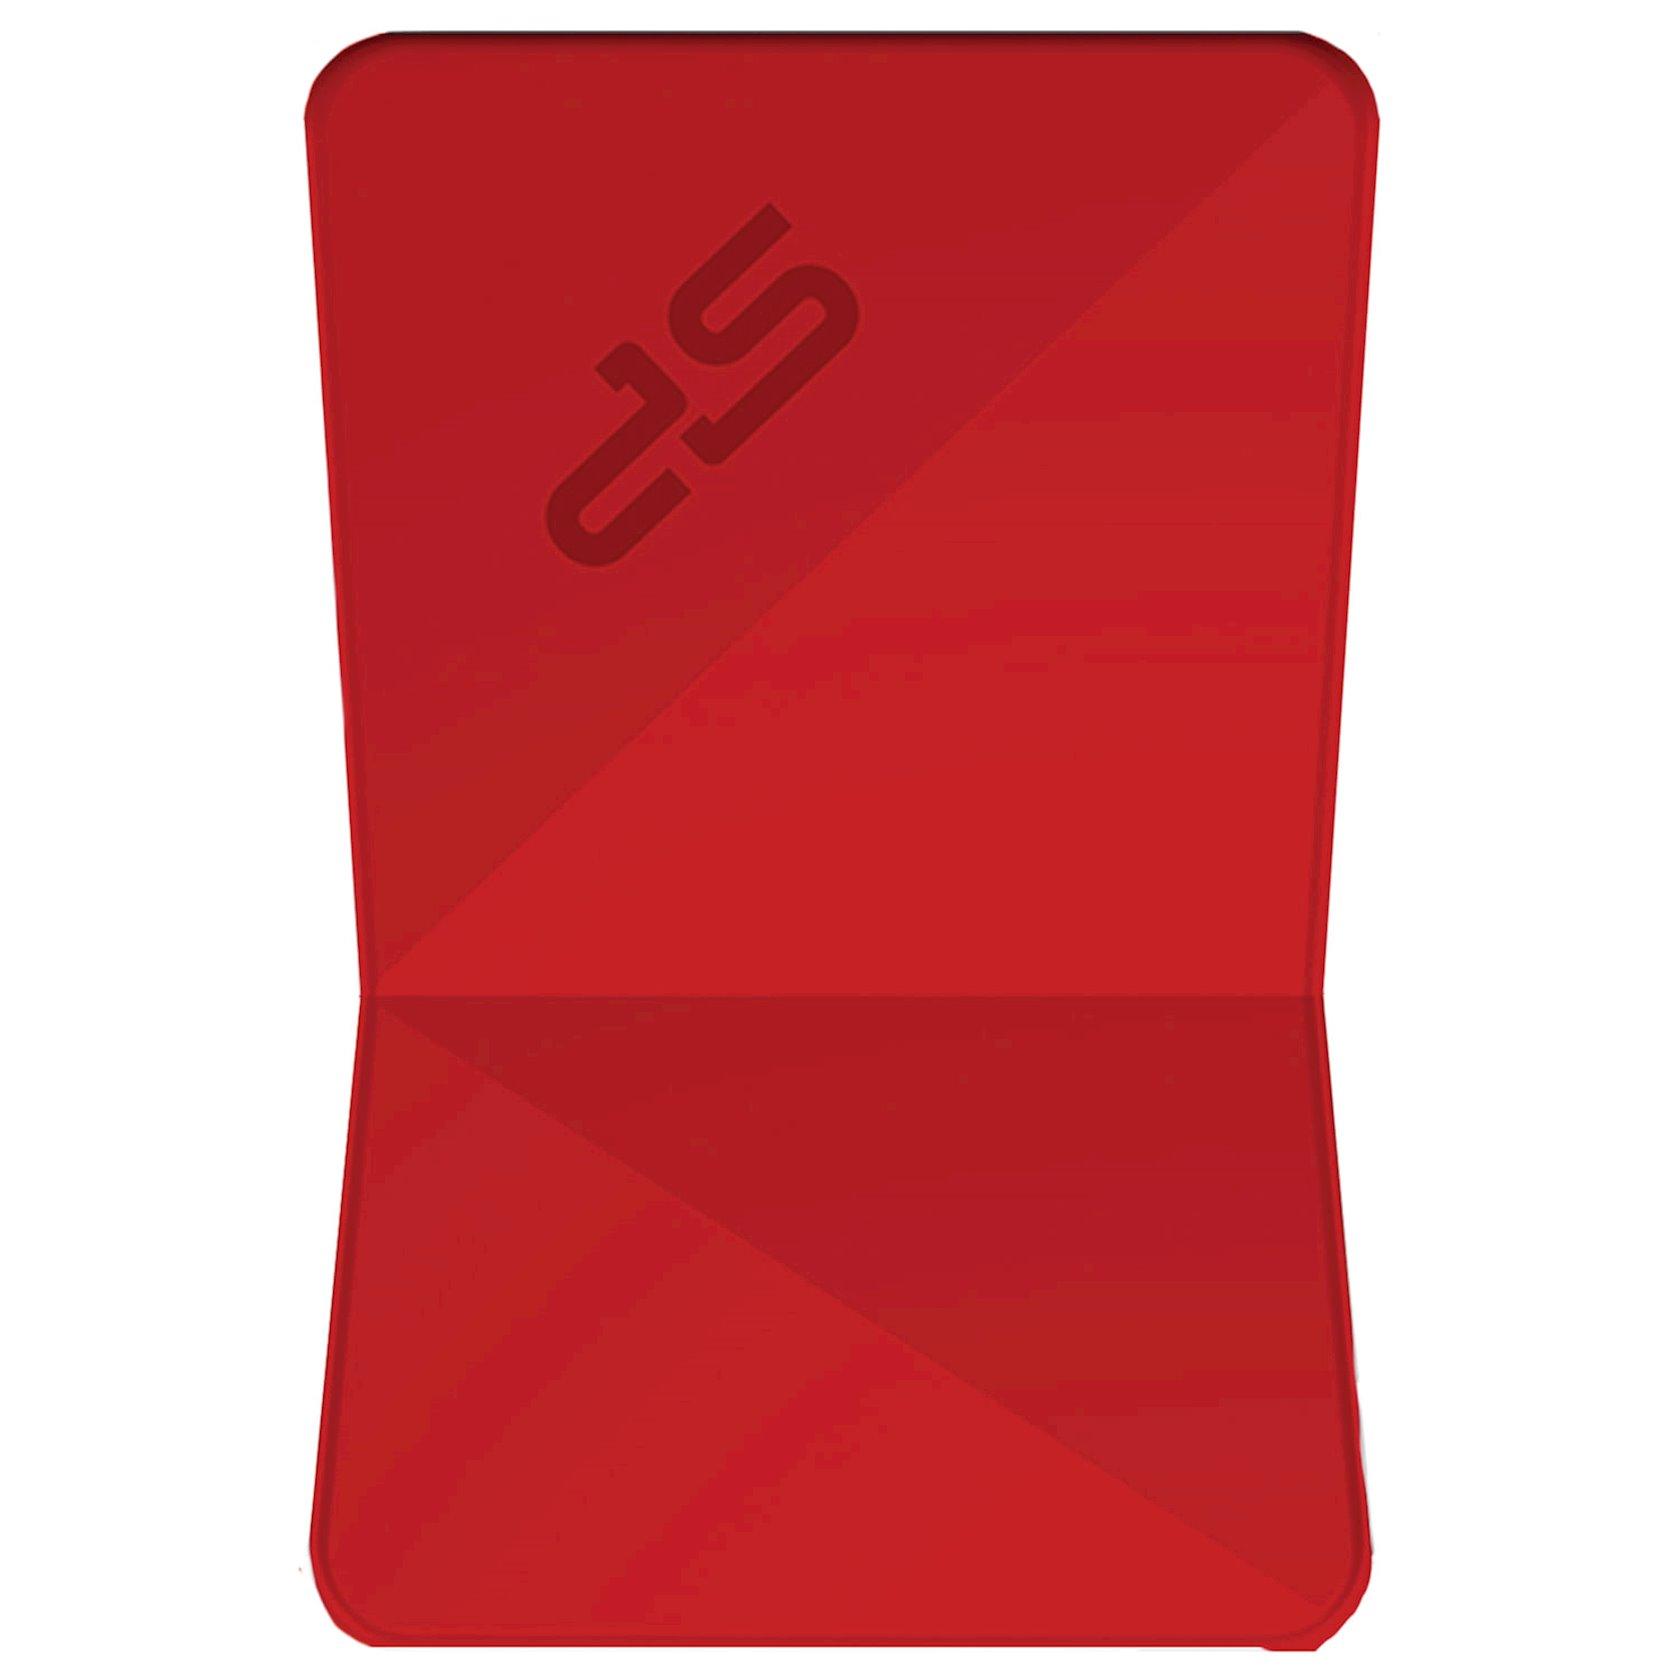 Fleş kart USB Silicon-Power Jewel J08 Red 64 Gb